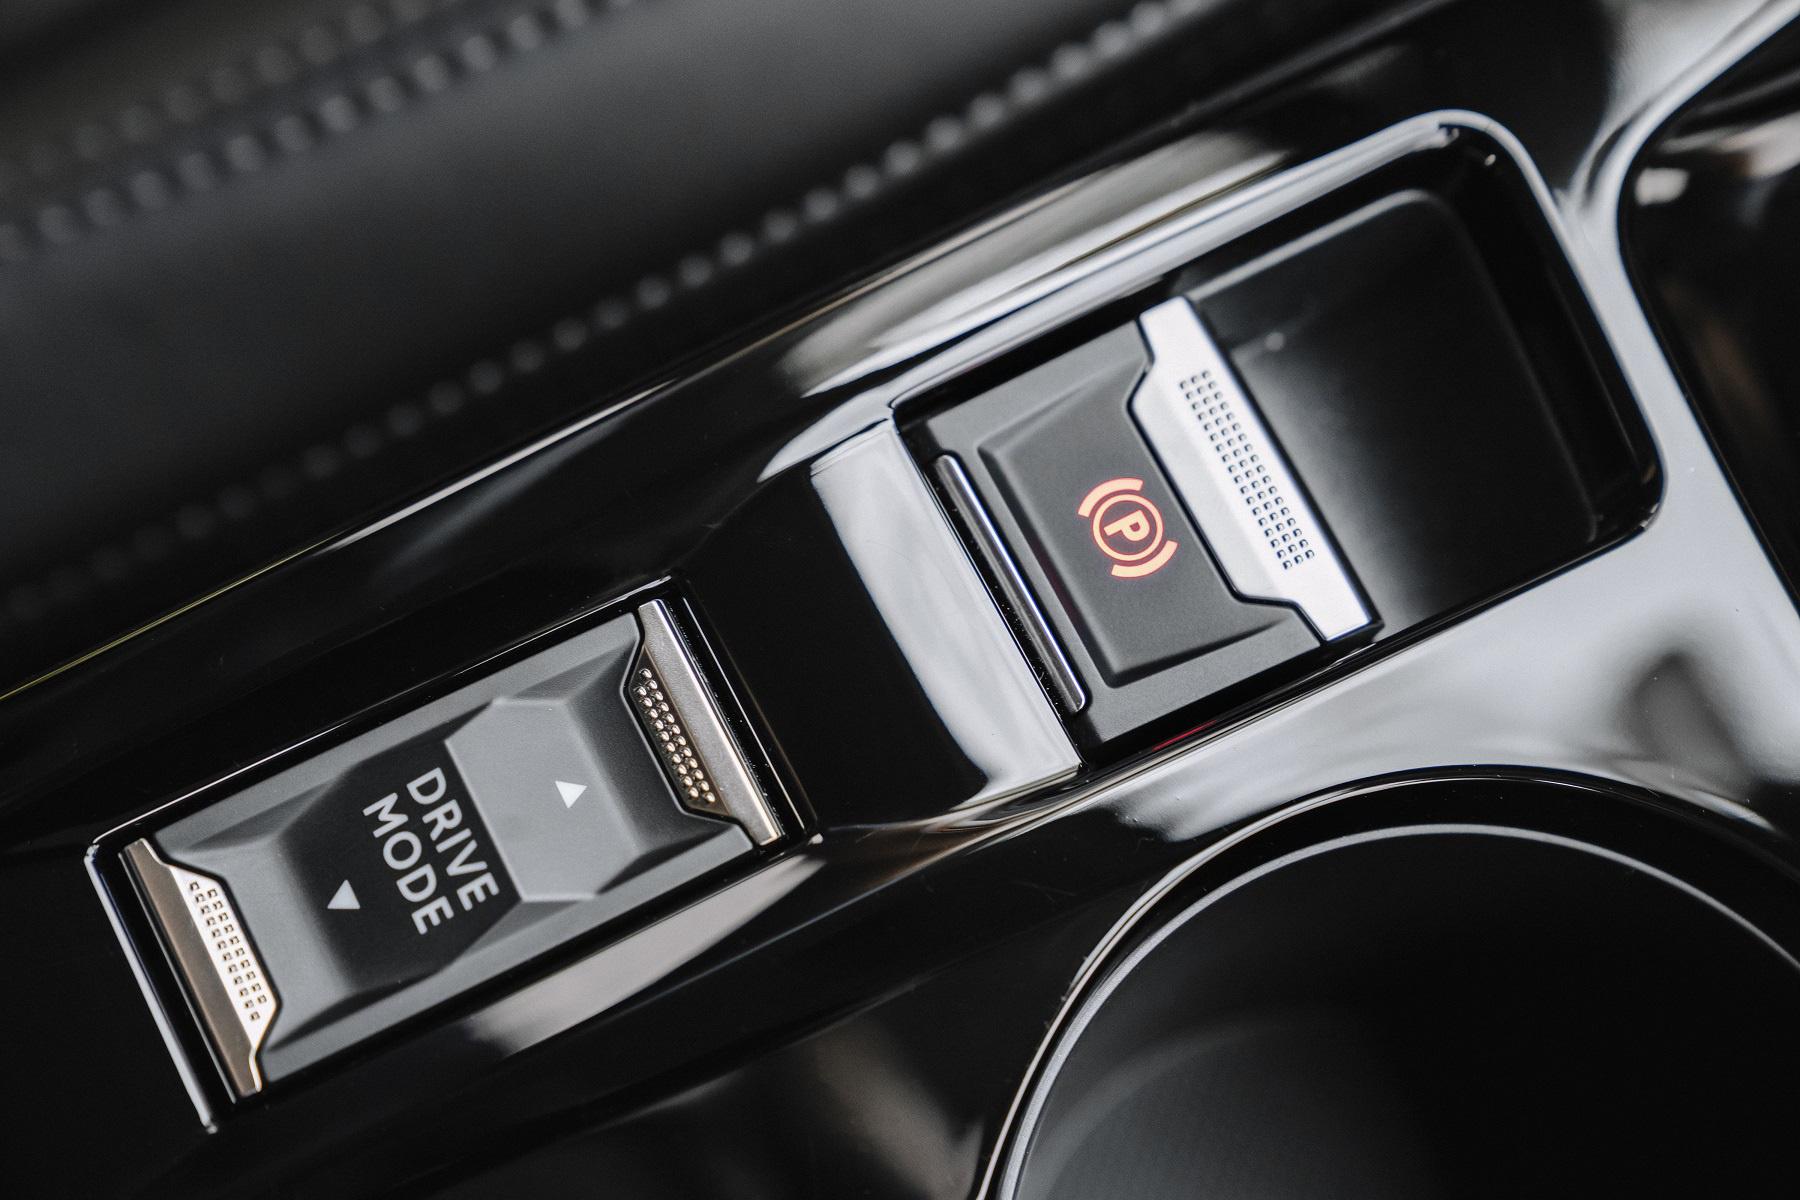 Hệ thống hỗ trợ lái xe ADAS trên Peugeot 2008 có gì đặc biệt? - Ảnh 3.